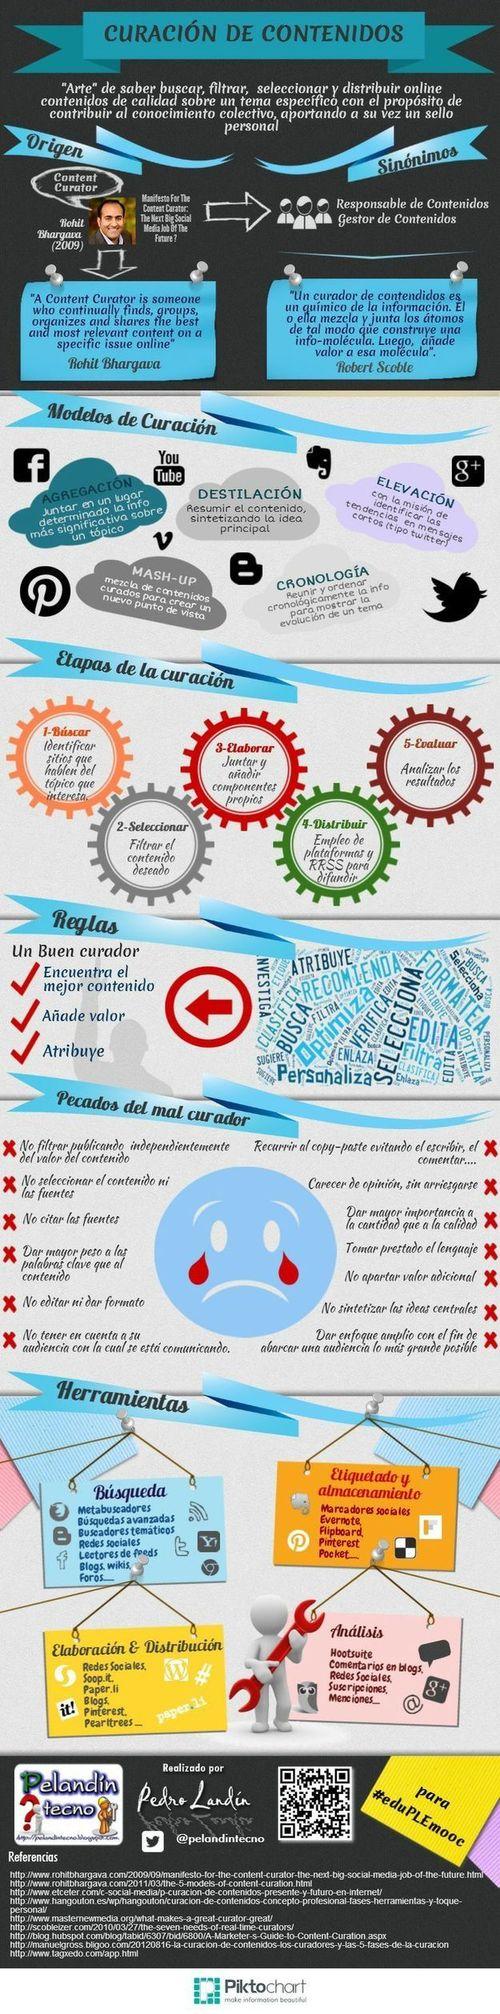 Infografía: Curación de contenidos by Pedro Landín | Bibliotecas Escolares Argentinas